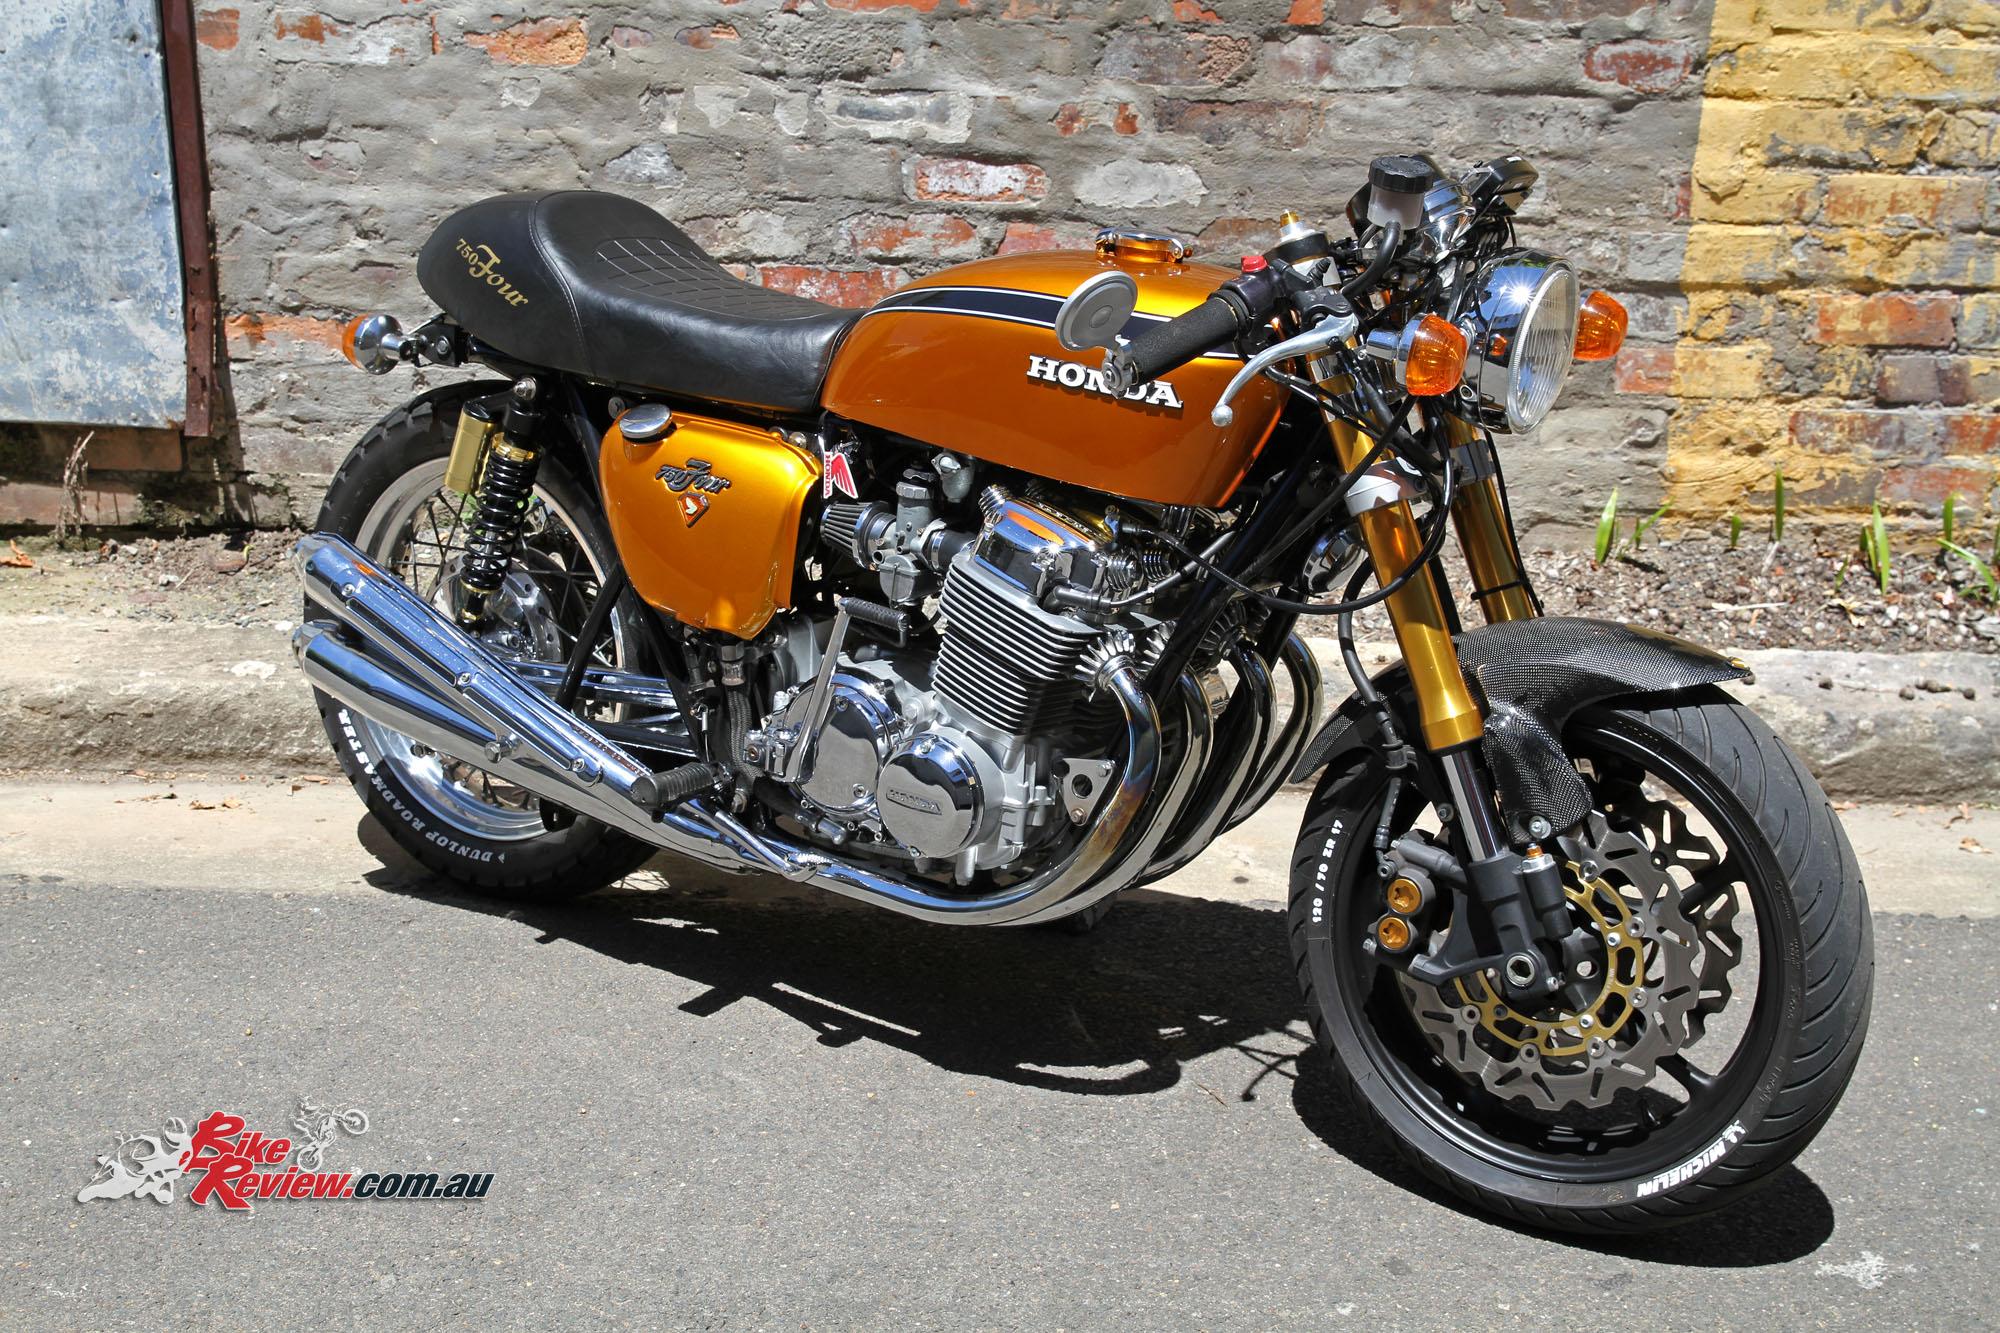 WM    CB750       Honda       cb 750       kz    Motos t